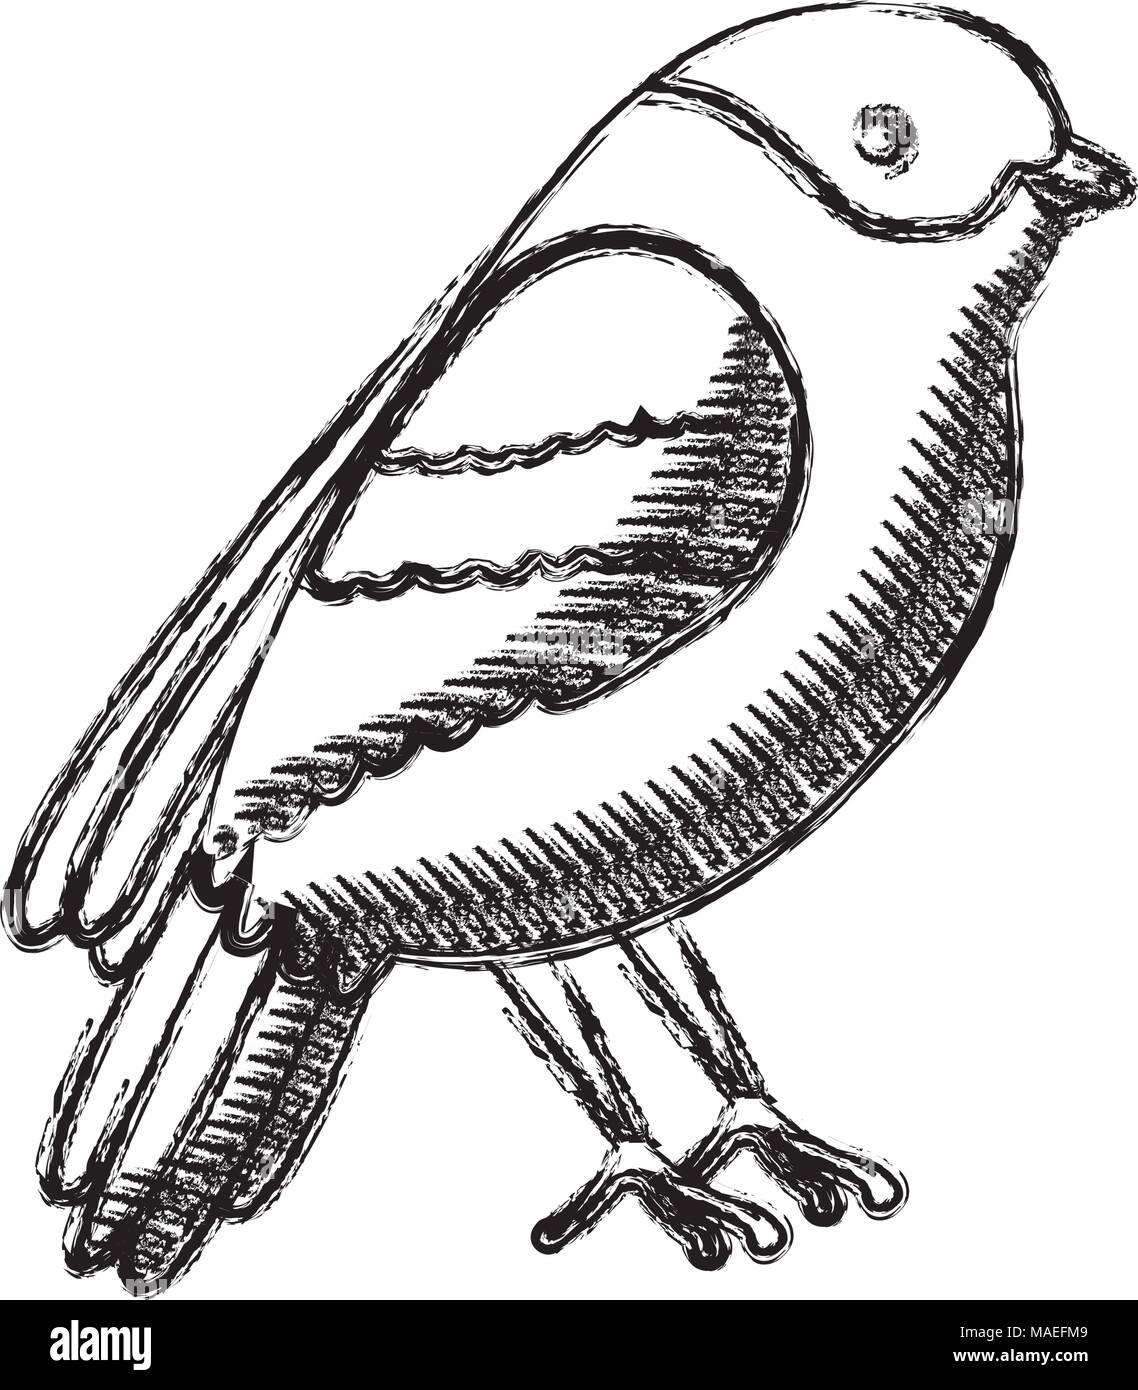 nero uccello scena di sesso